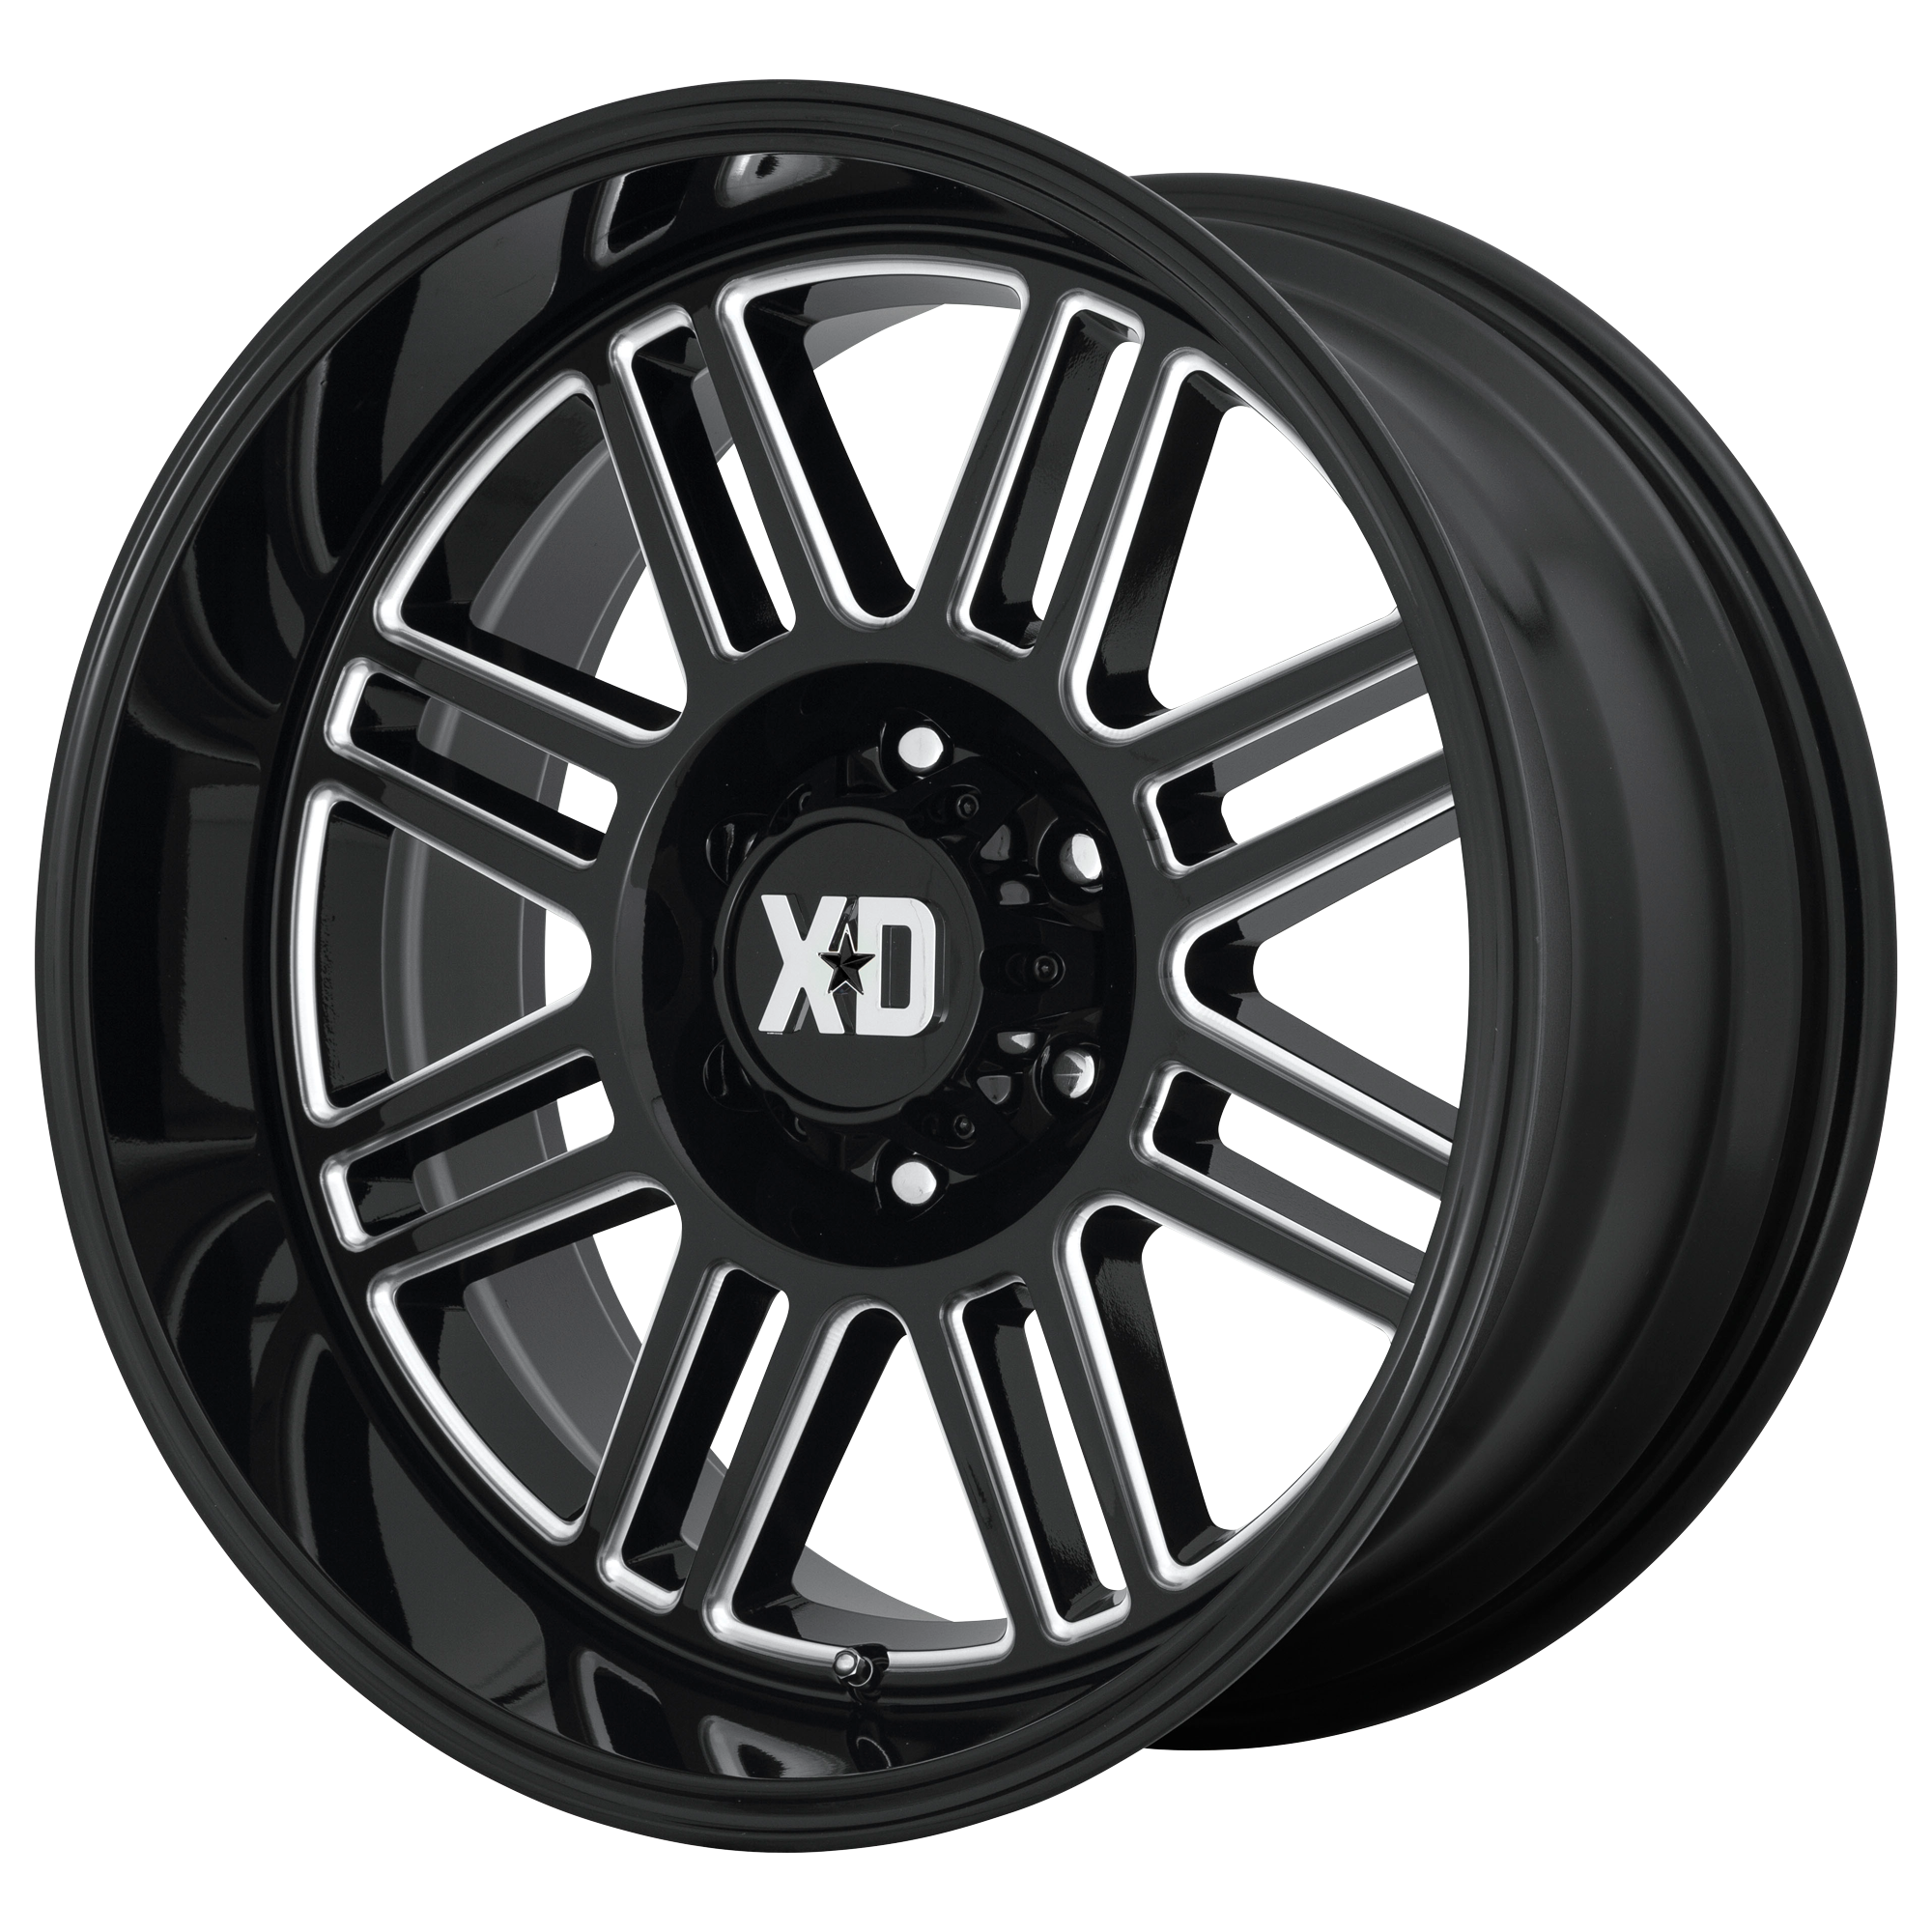 XD SERIES XD850 CAGE hliníkové disky 9x20 8x180 ET0 Gloss Black Milled